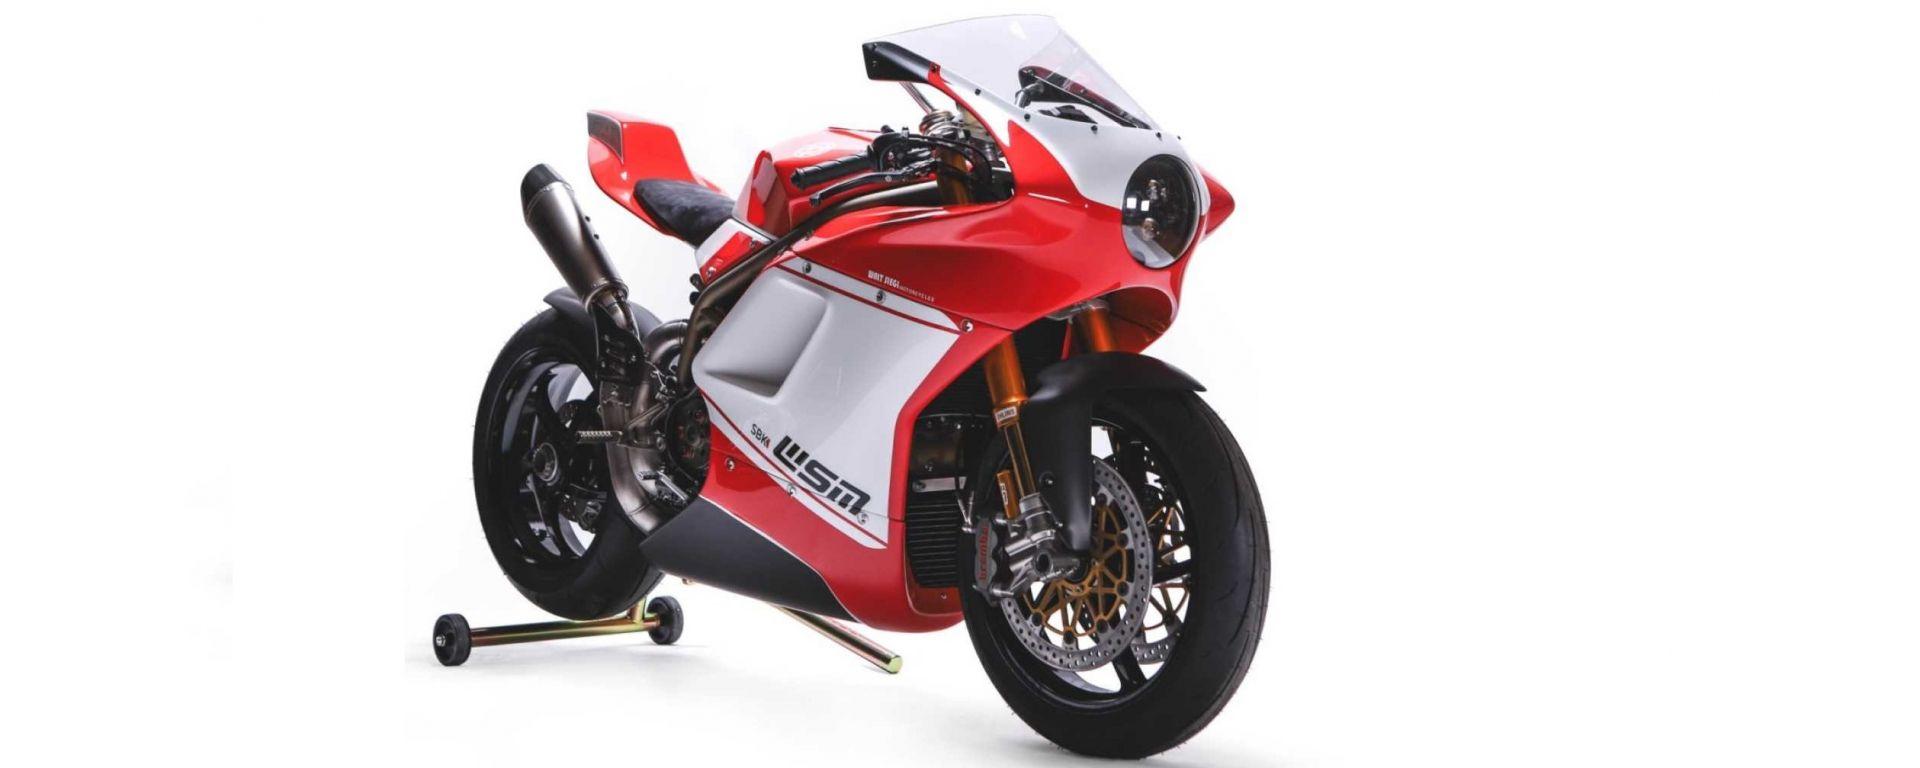 WSM SBK: ecco l'ultima special su base Ducati di Walt Siegl